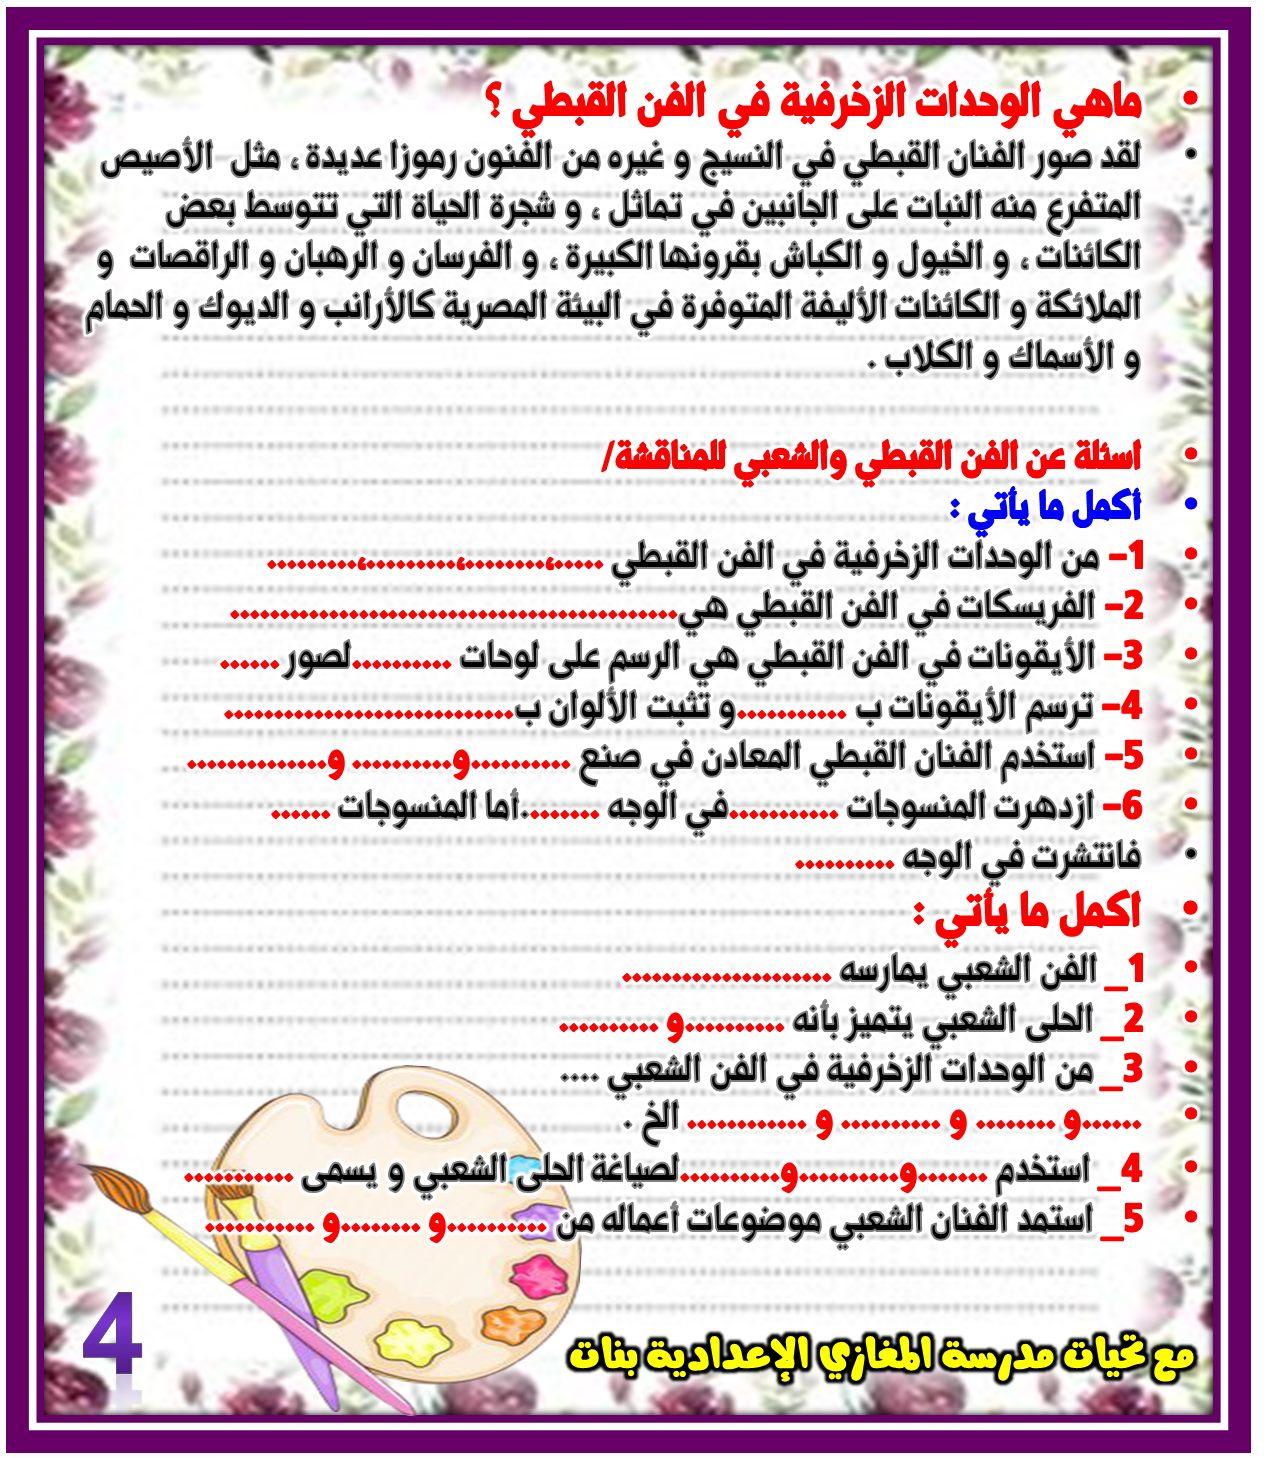 مراجعة التربية الفنية للصف الأول الاعدادي الترمين 4